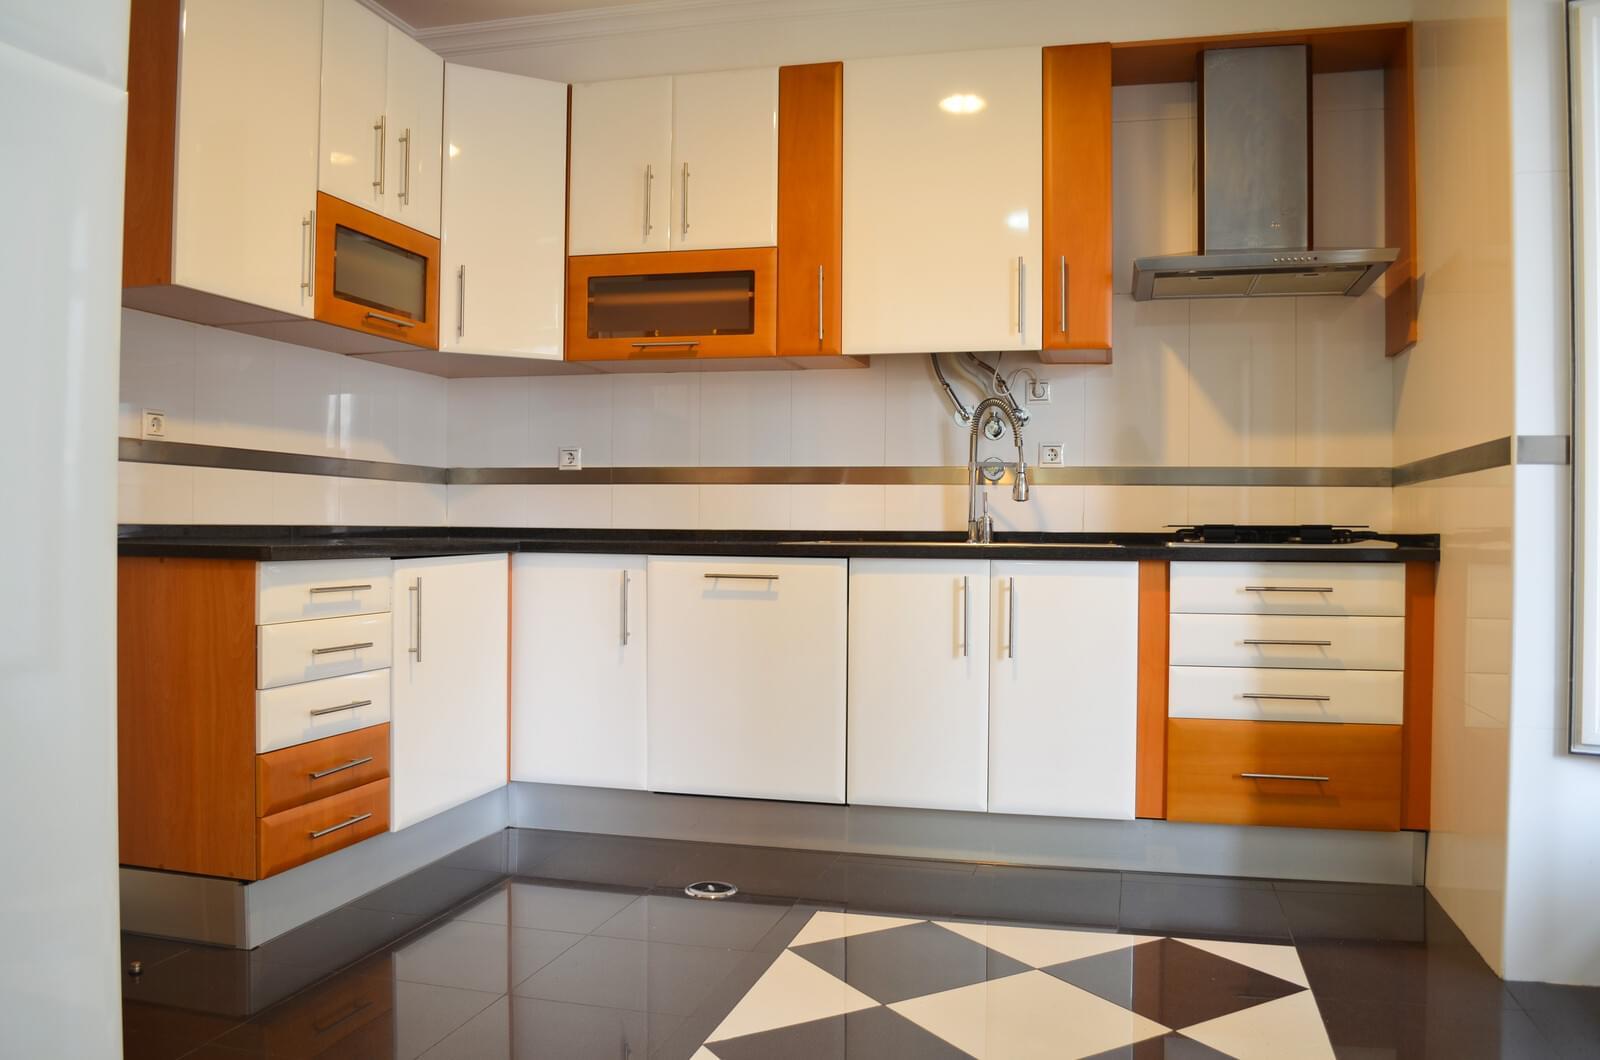 pf18839-apartamento-t2-lisboa-4f644dcb-dfb2-43ad-8c21-972c6d5389a9